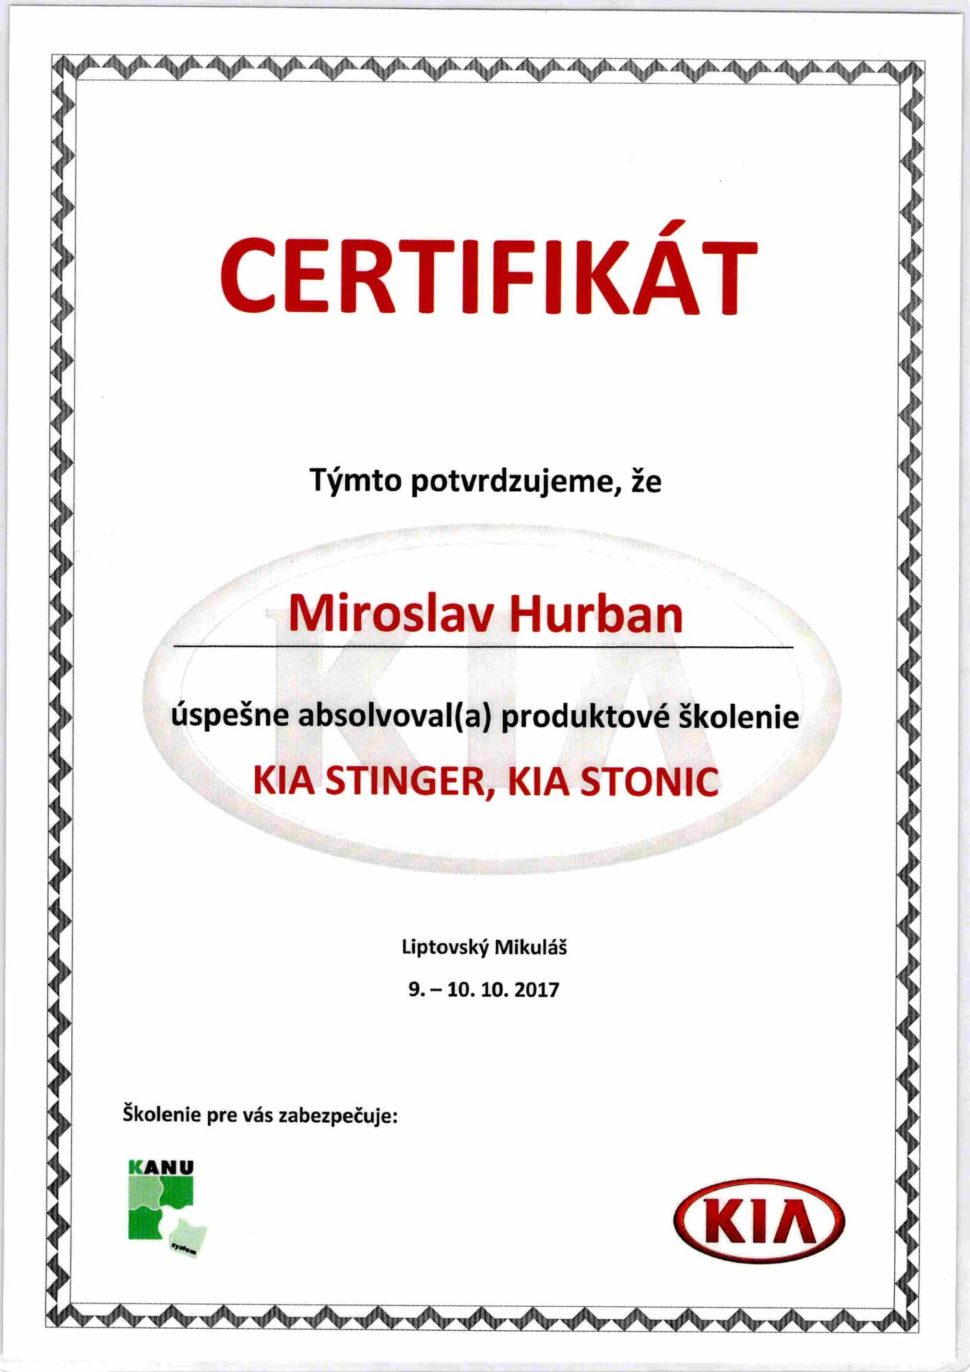 Kia Stinger aKia Stonic